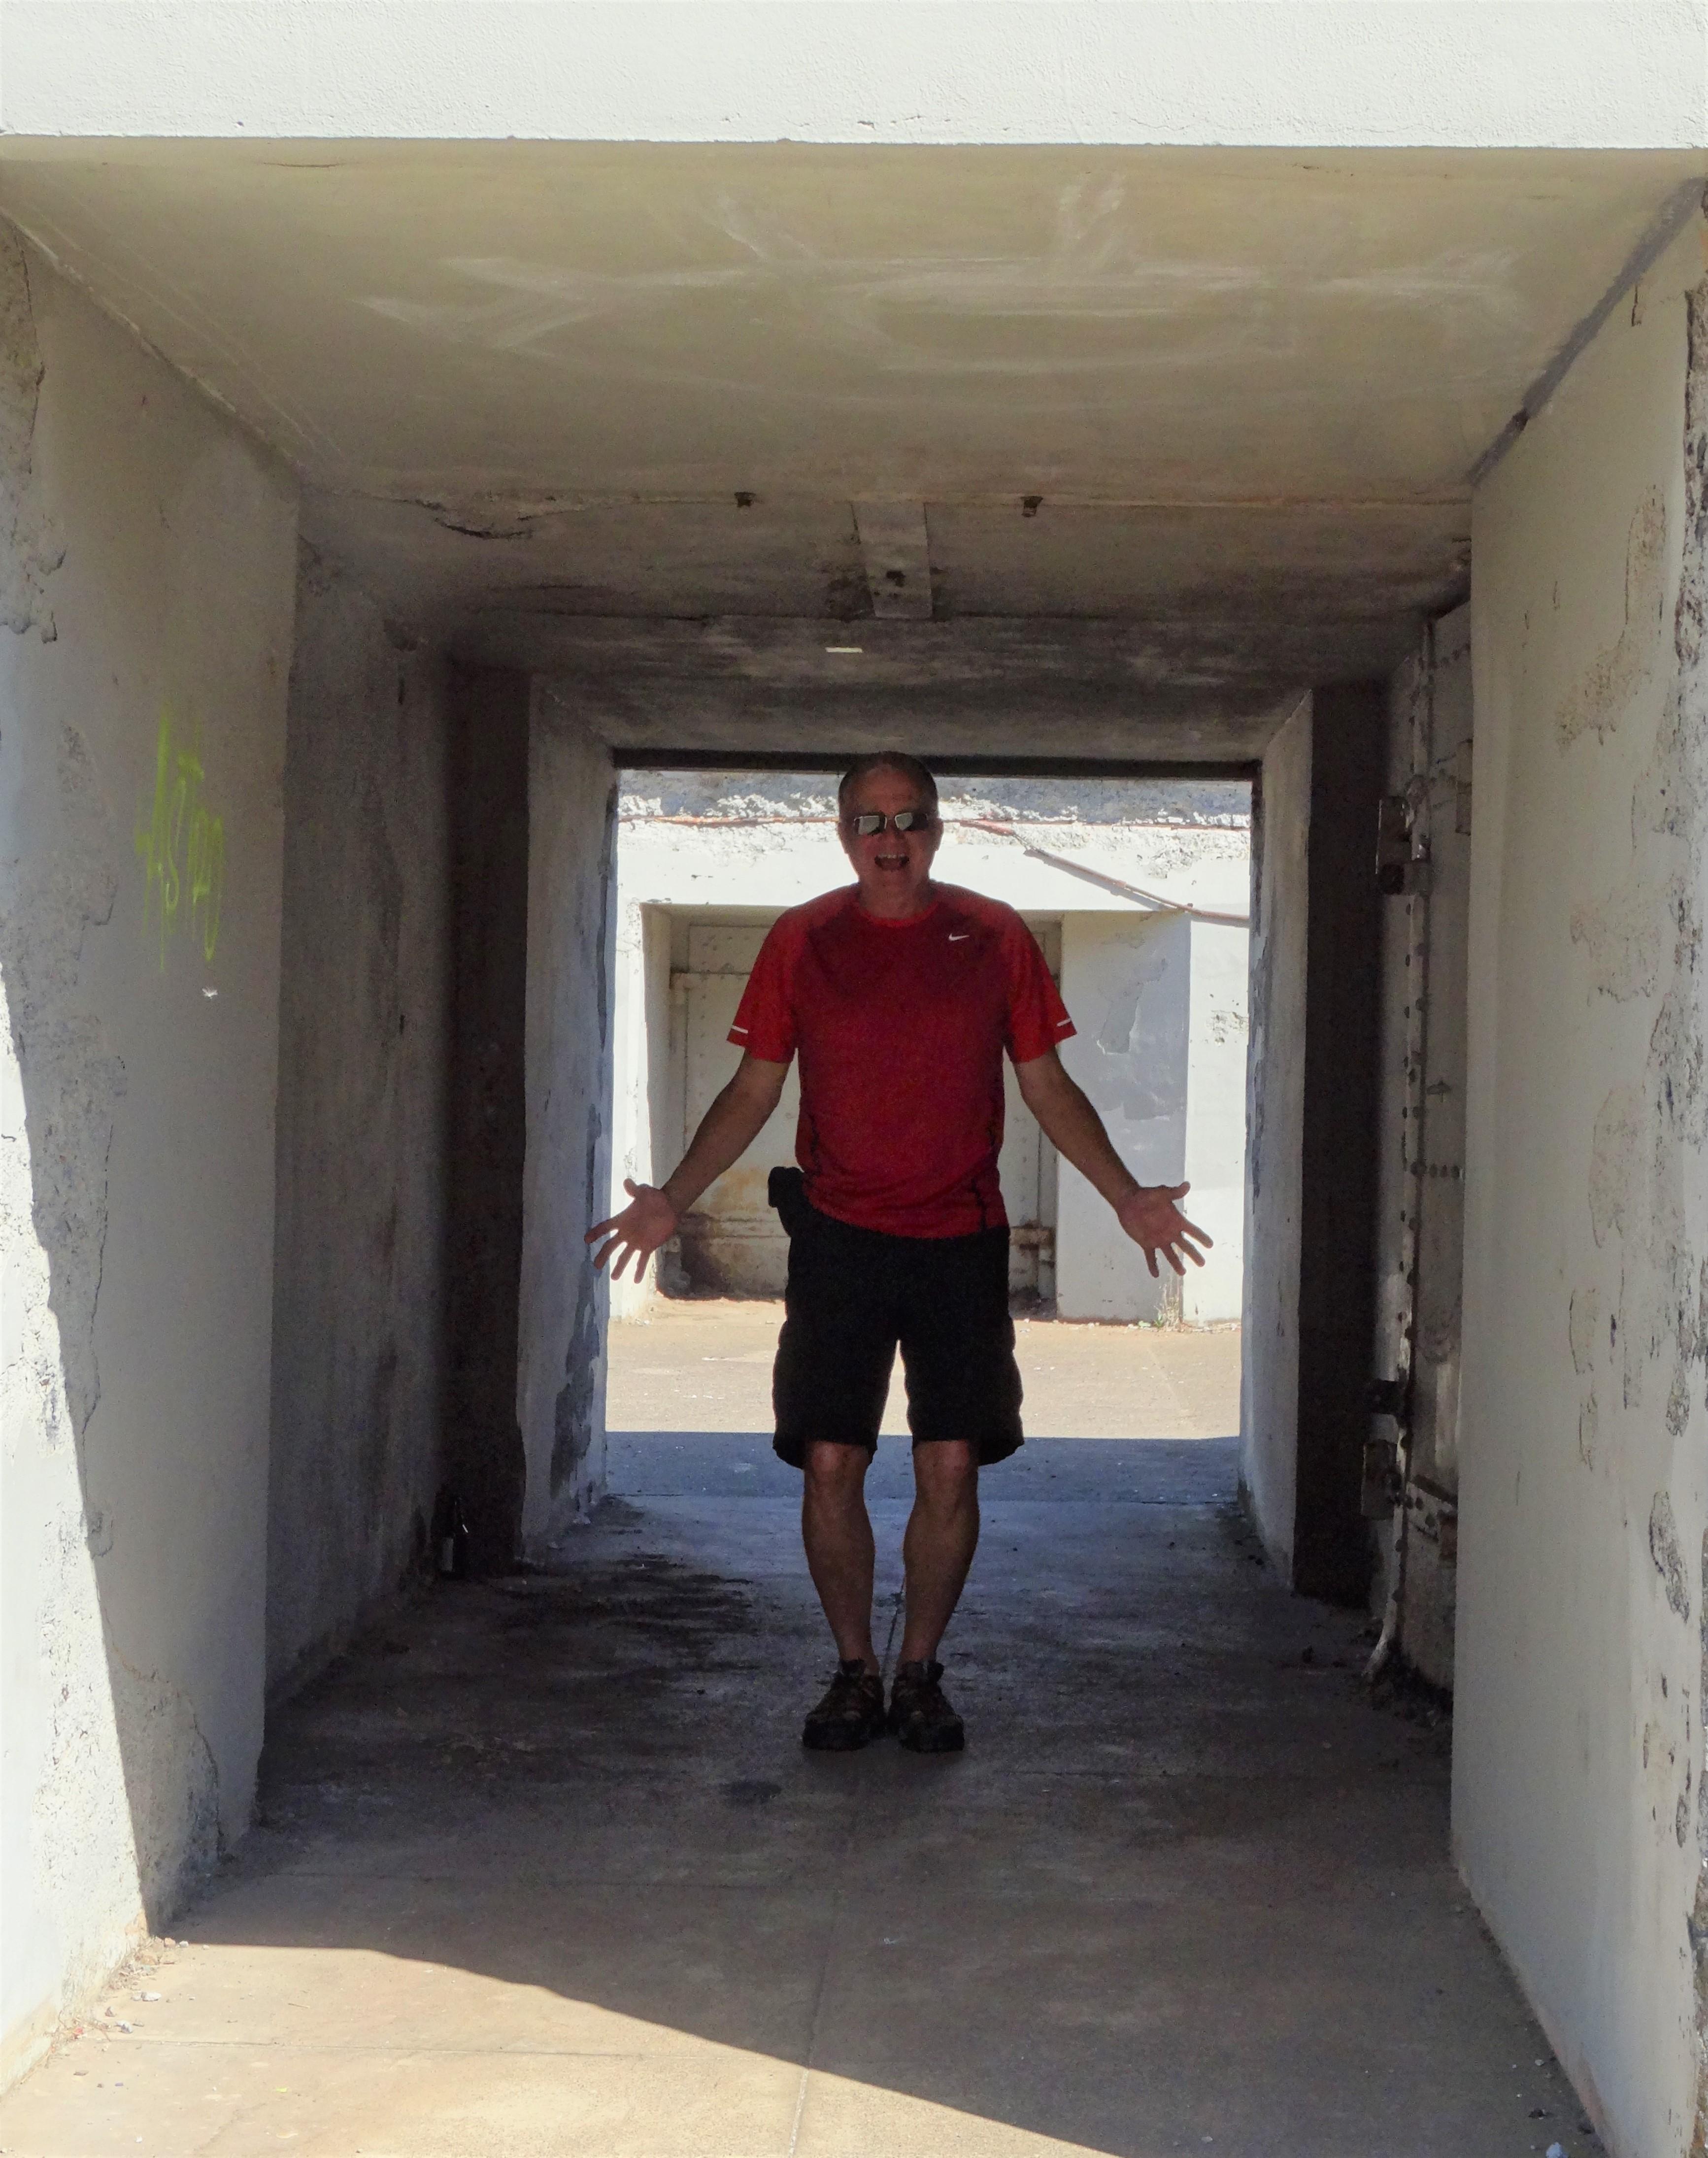 Trey in Kirby Battery Tunnel